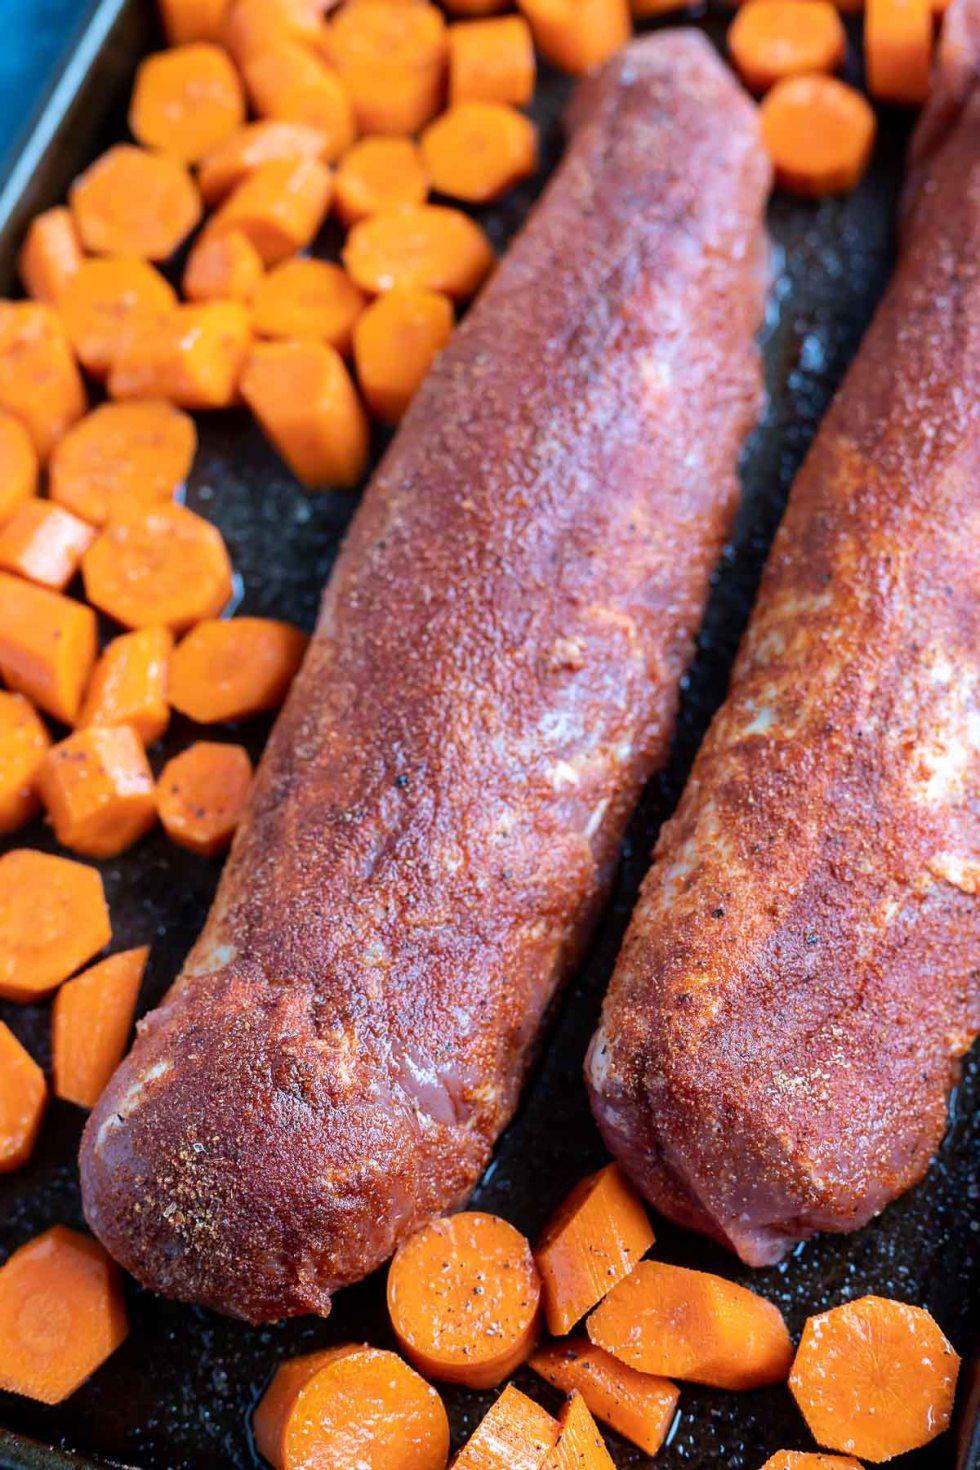 raw pork tenderloin and carrots on sheet pan